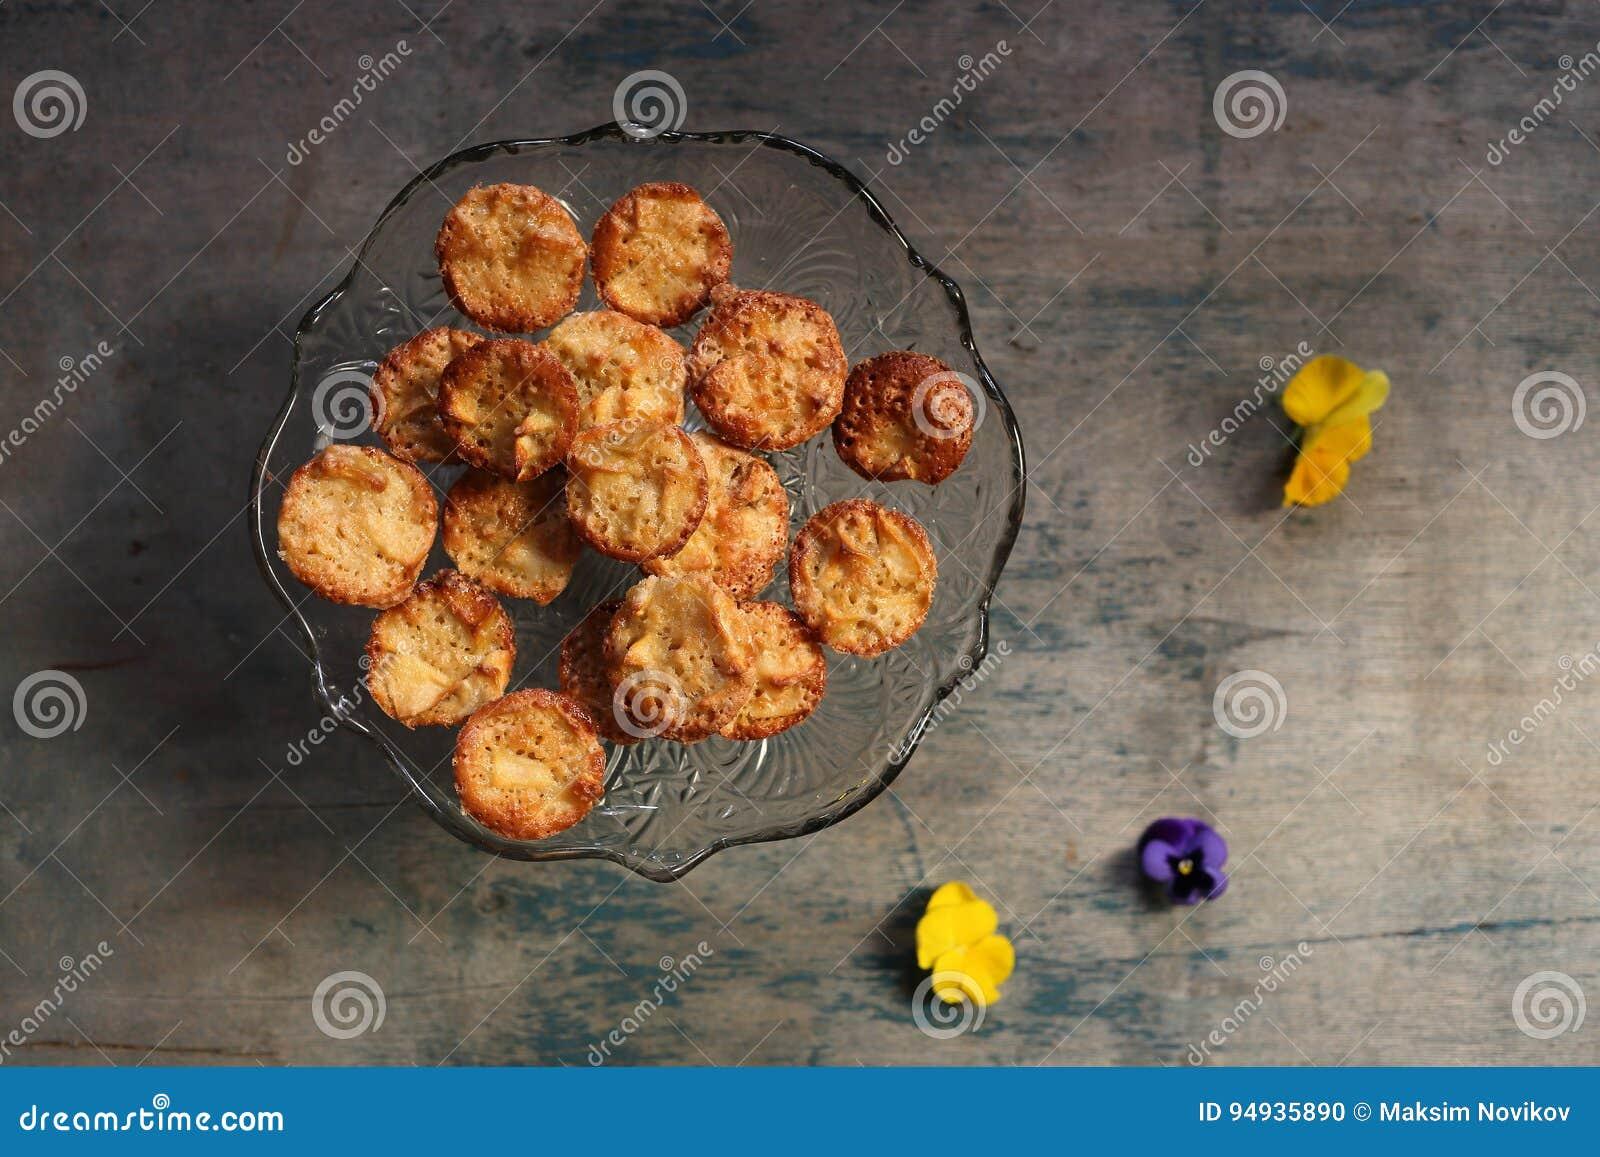 Mafins Auf Einem Holzernen Hintergrund Stockfoto Bild Von Diat